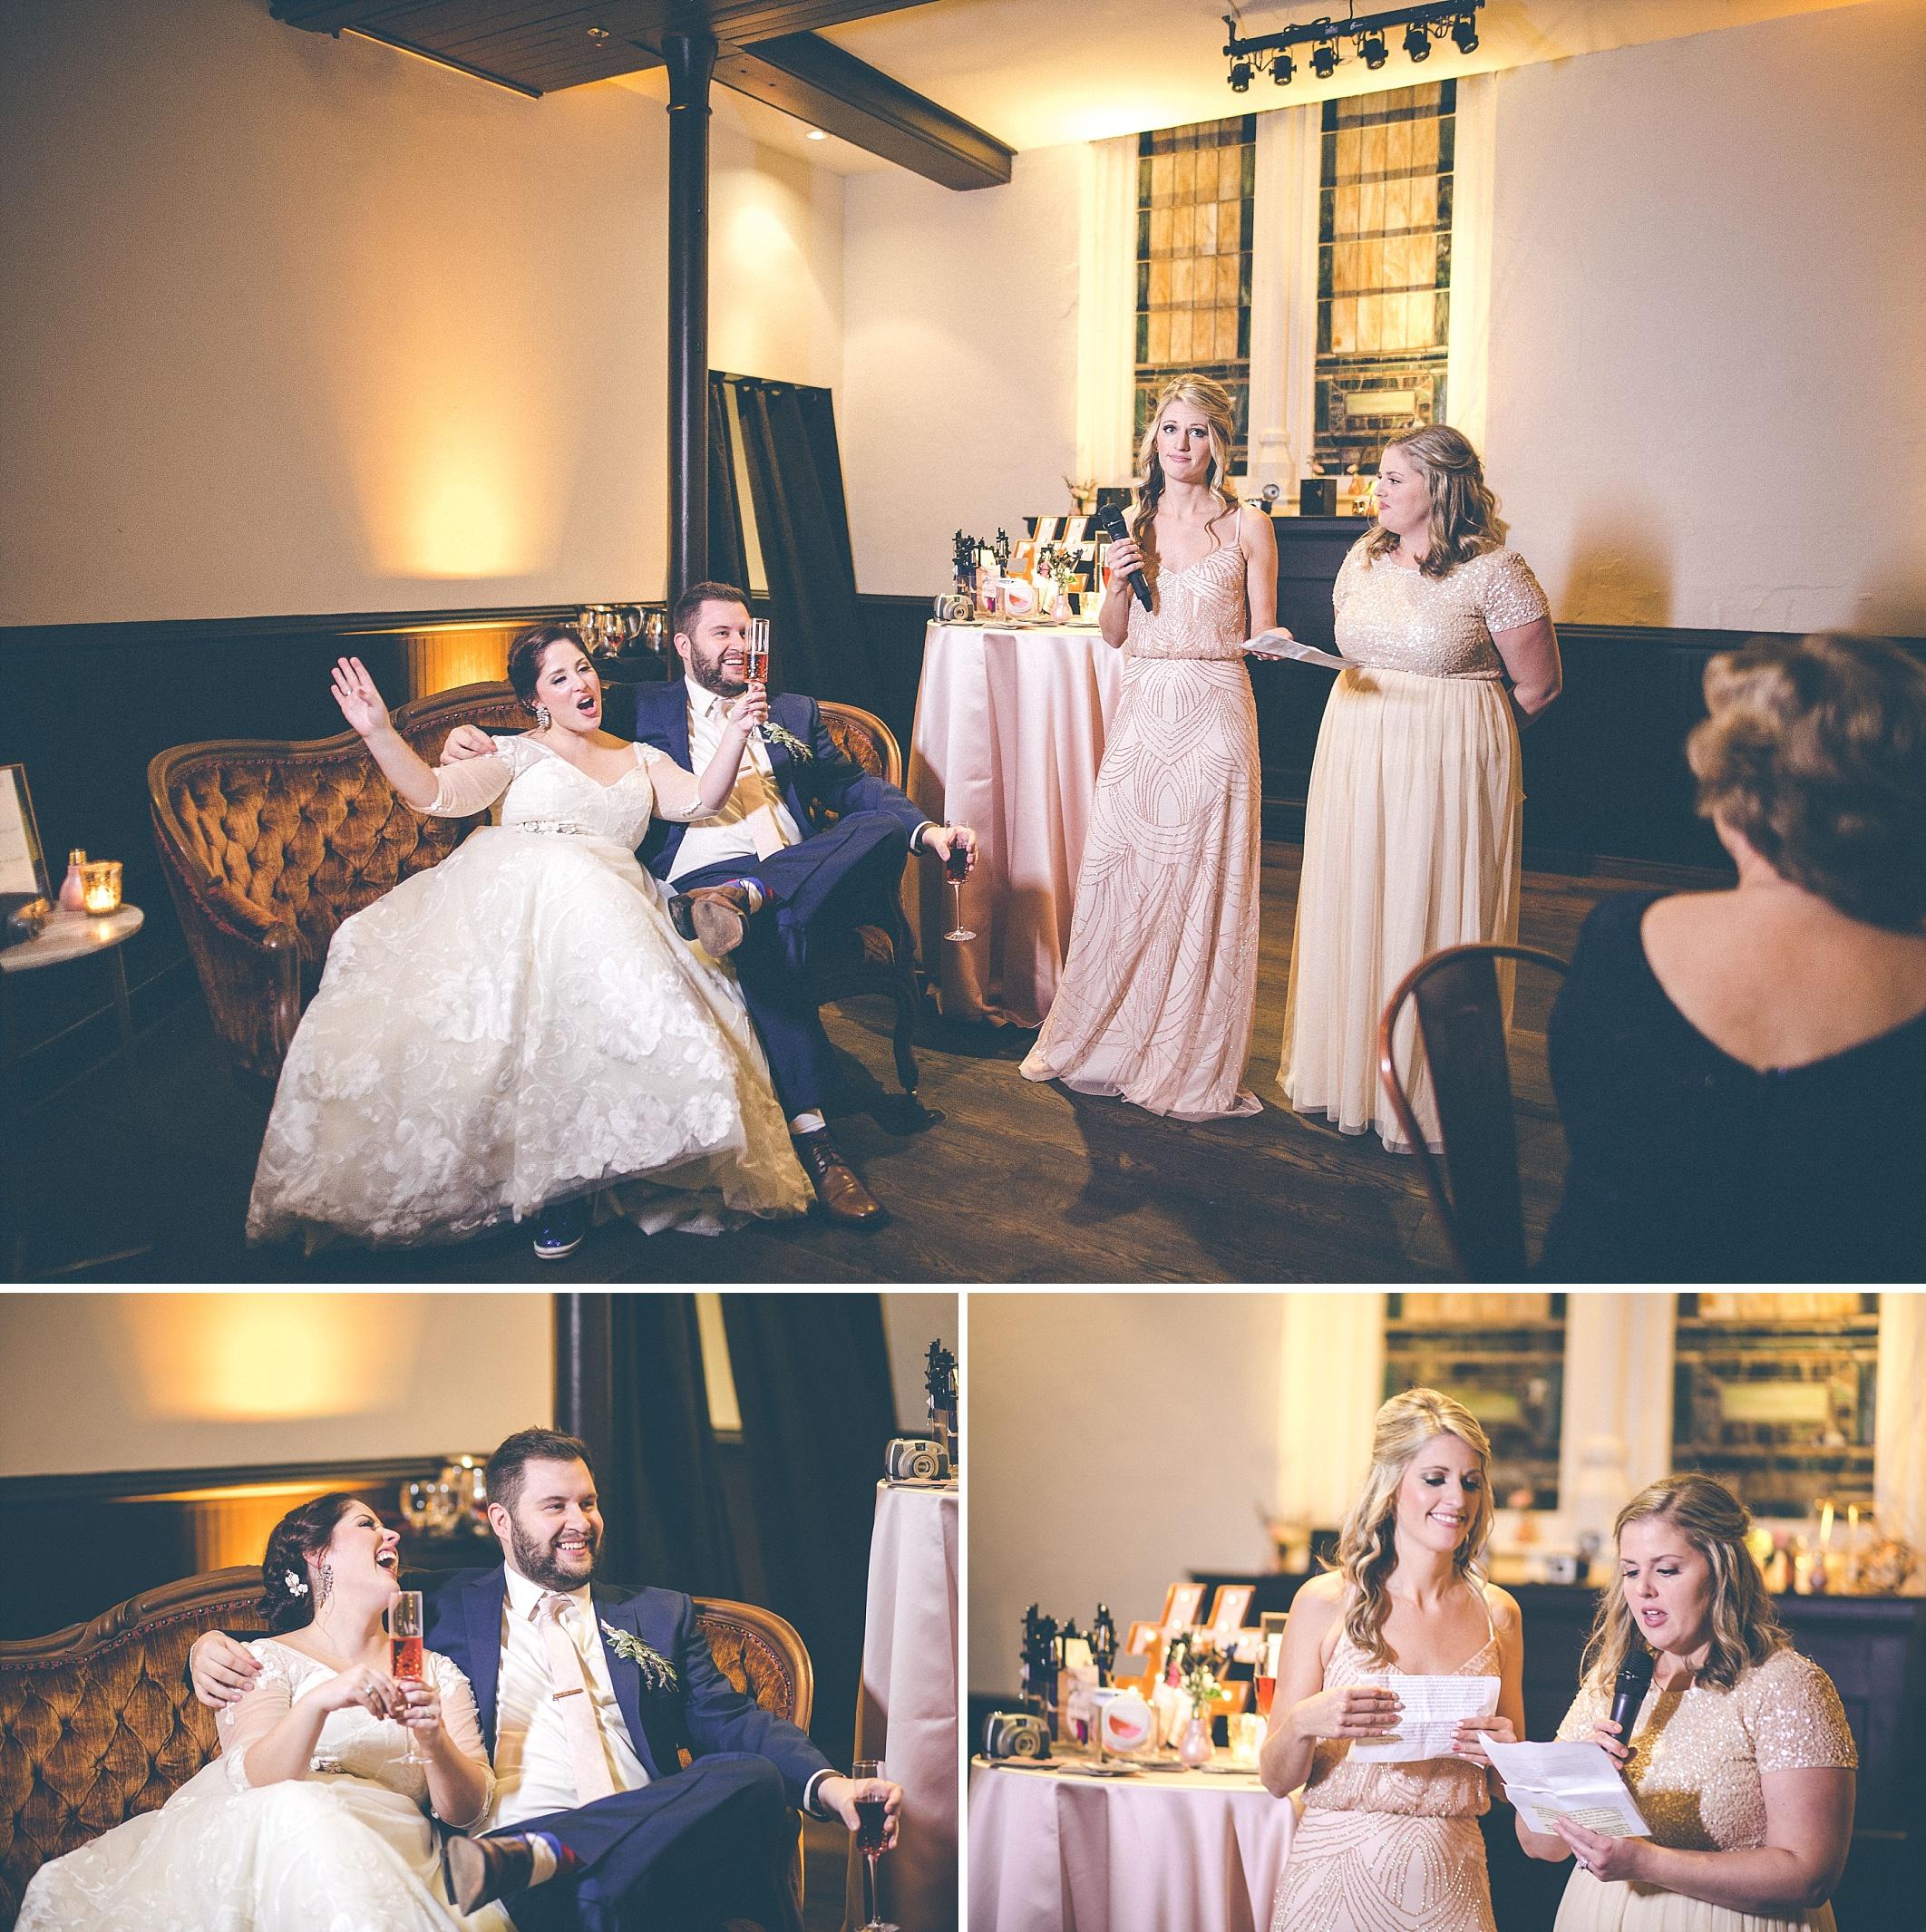 hilary-aaron-cincinnati-trancept-wedding-photographer-dayton-ohio_0046.jpg